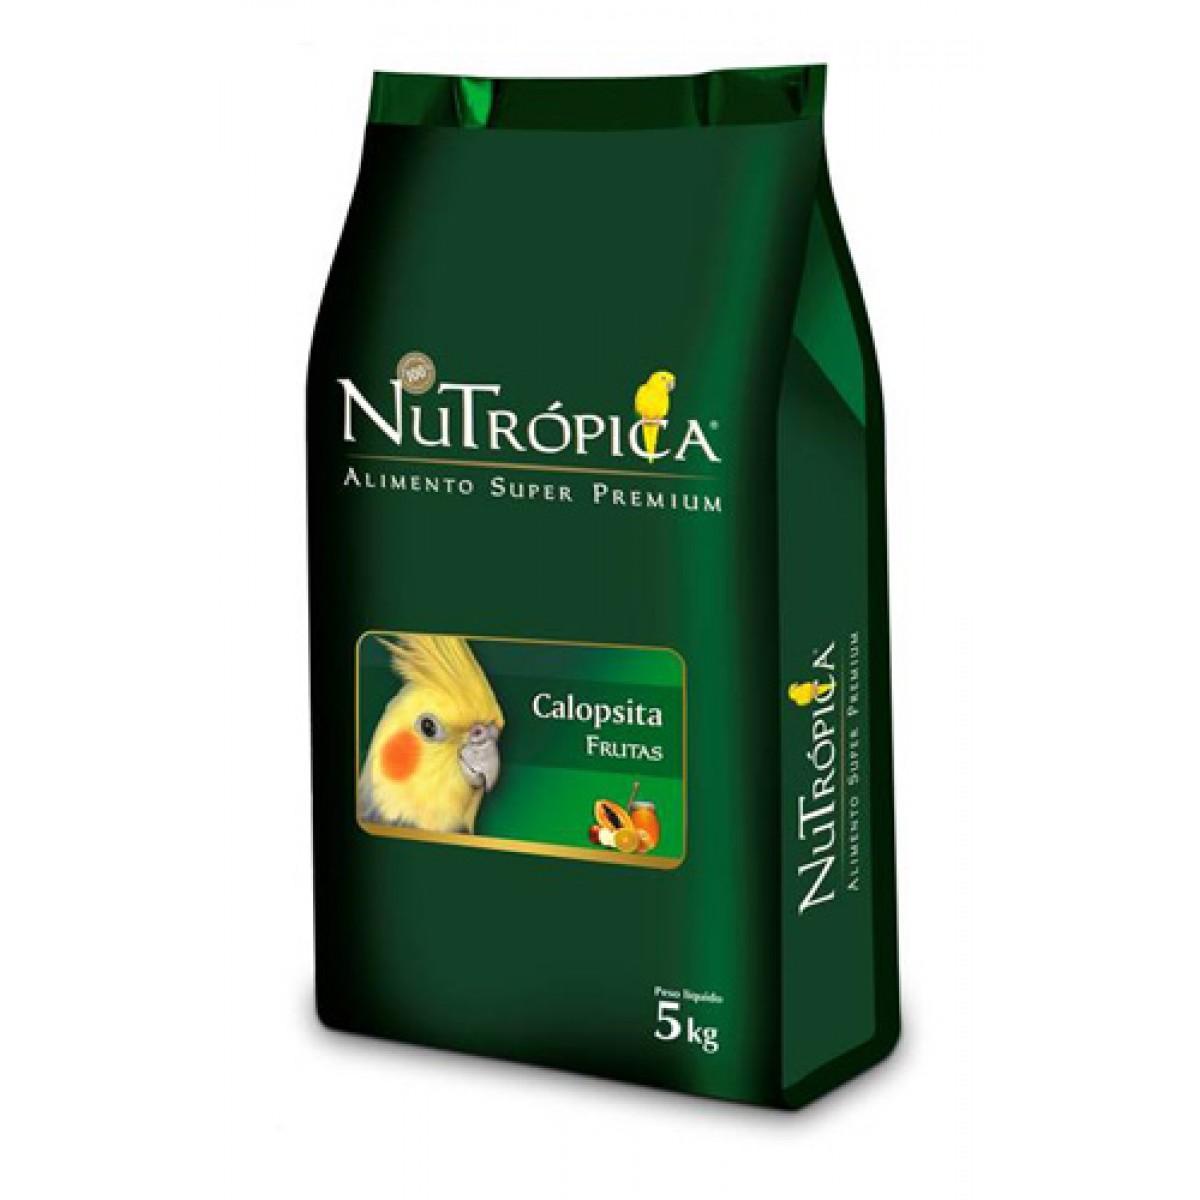 Nutropica Calopsita Com Frutas